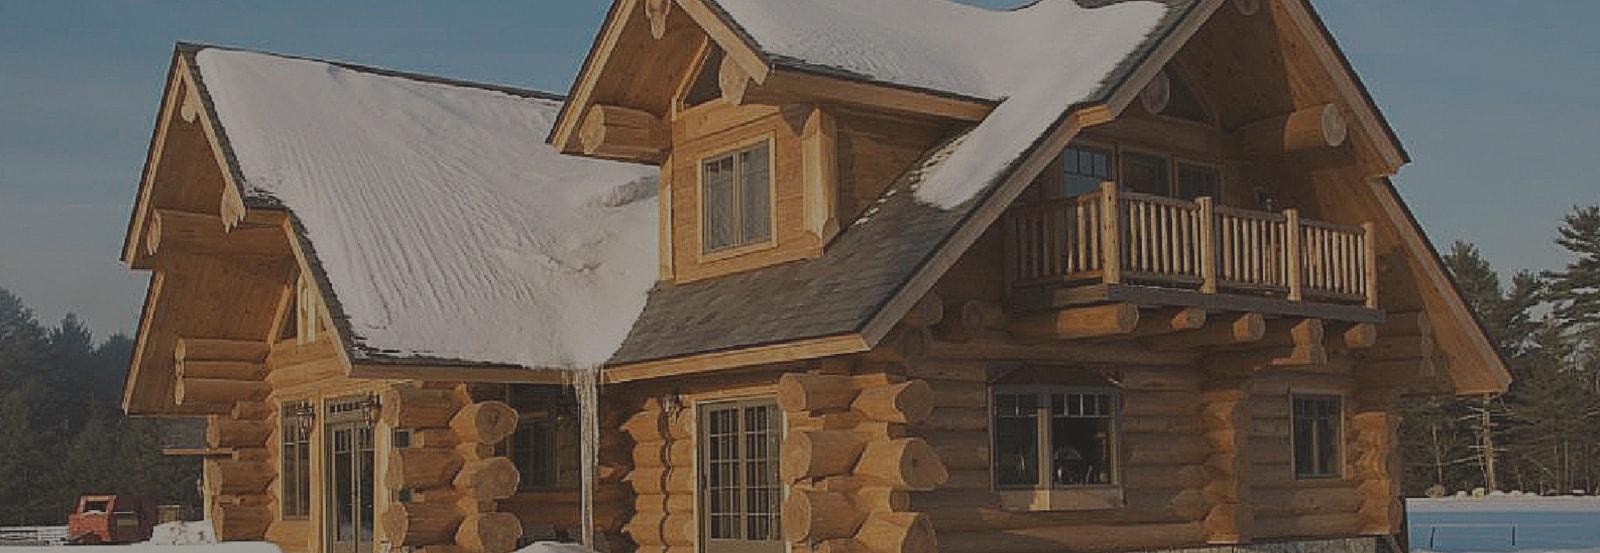 Современные деревянные дома из бруса: проекты под ключ в современном стиле, цены в москве